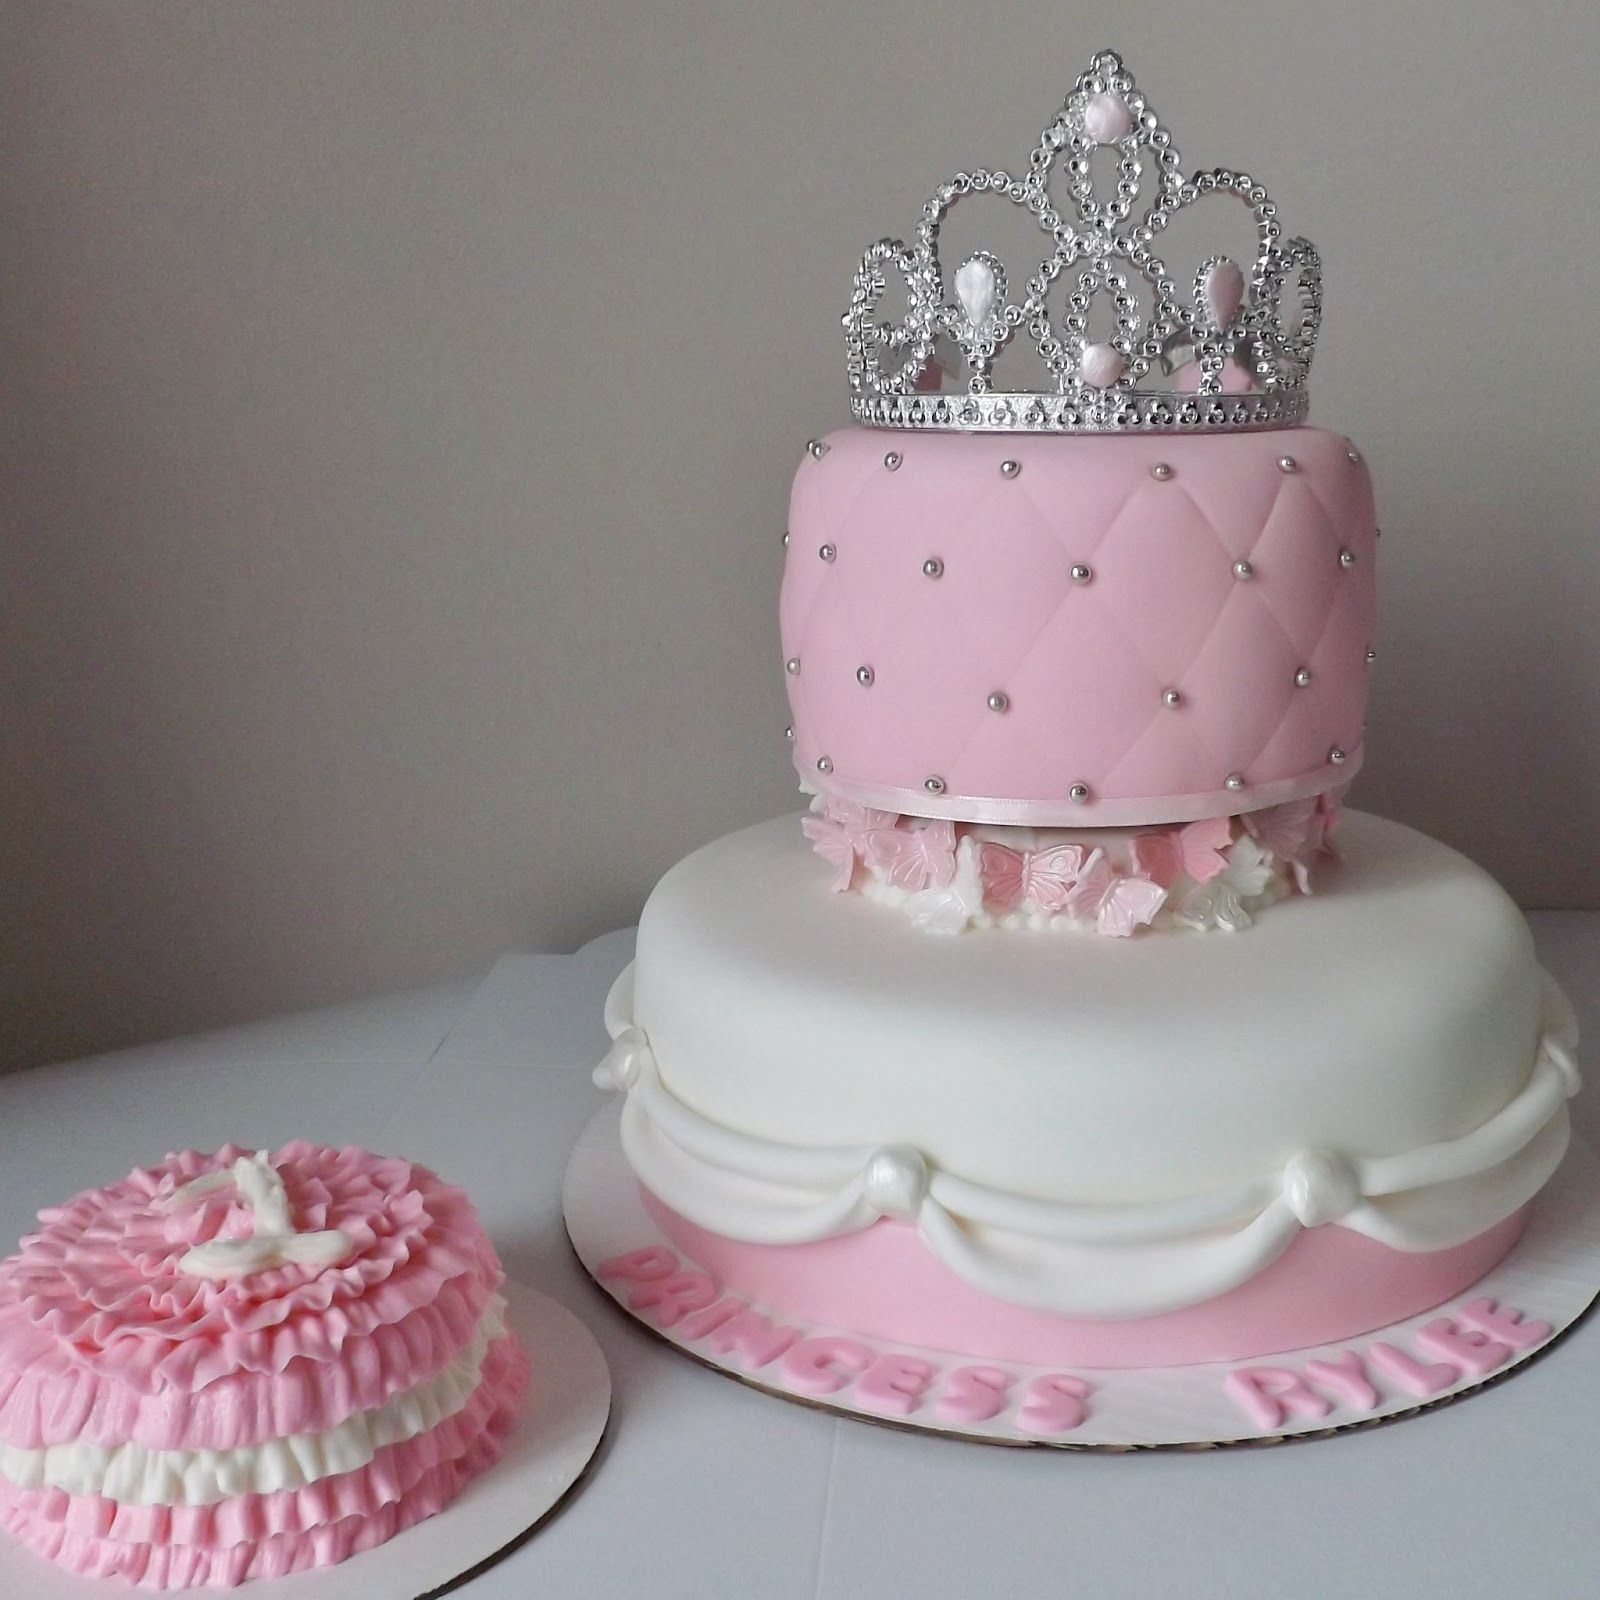 Princess 18th birthday cakes